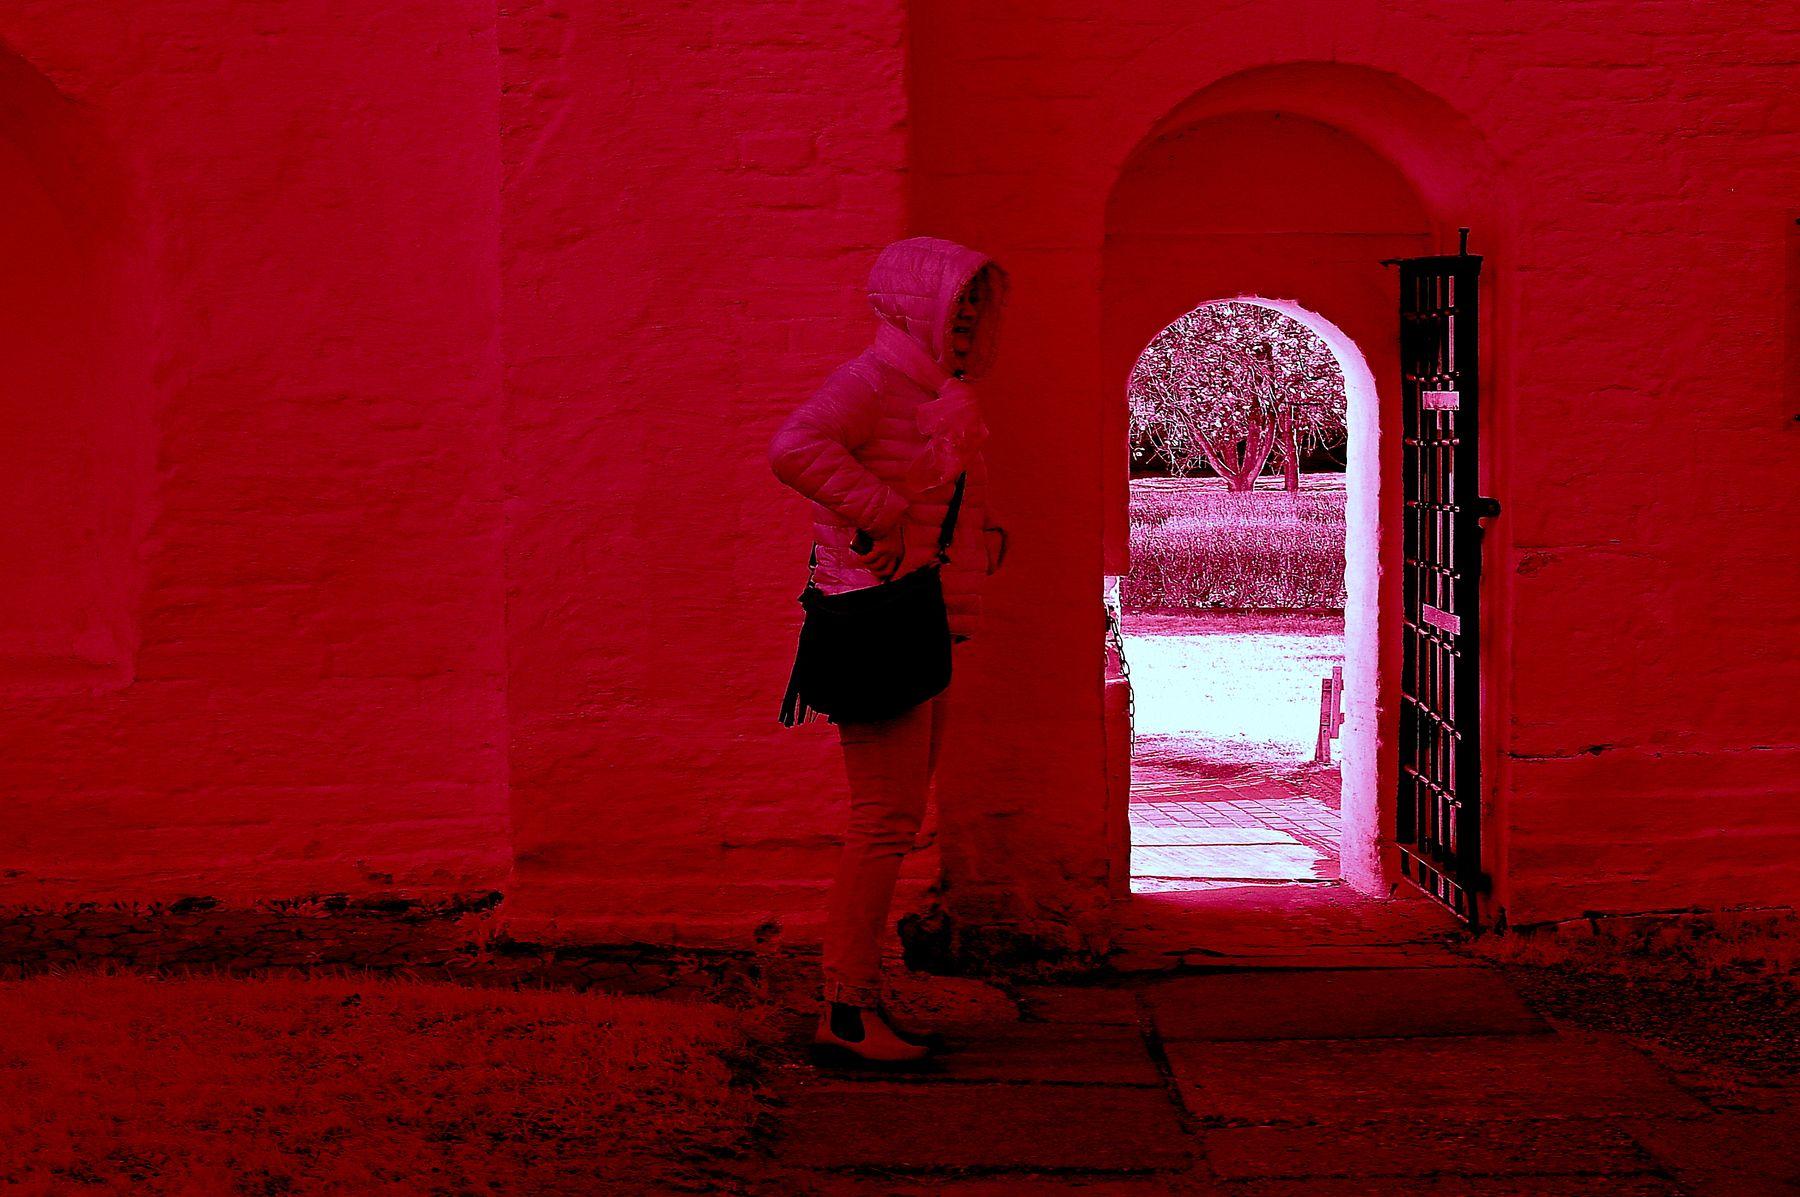 Замешкалась...Один лишь вход и тот не тот... Инфракрасная,чёрно-белая,монохромная, фотография. Hoya R72 Infrared Filter (infrared imaging) Инфракрасная чёрно-белая монохромная фотография Hoya R72 Infrared Filter infrared imaging